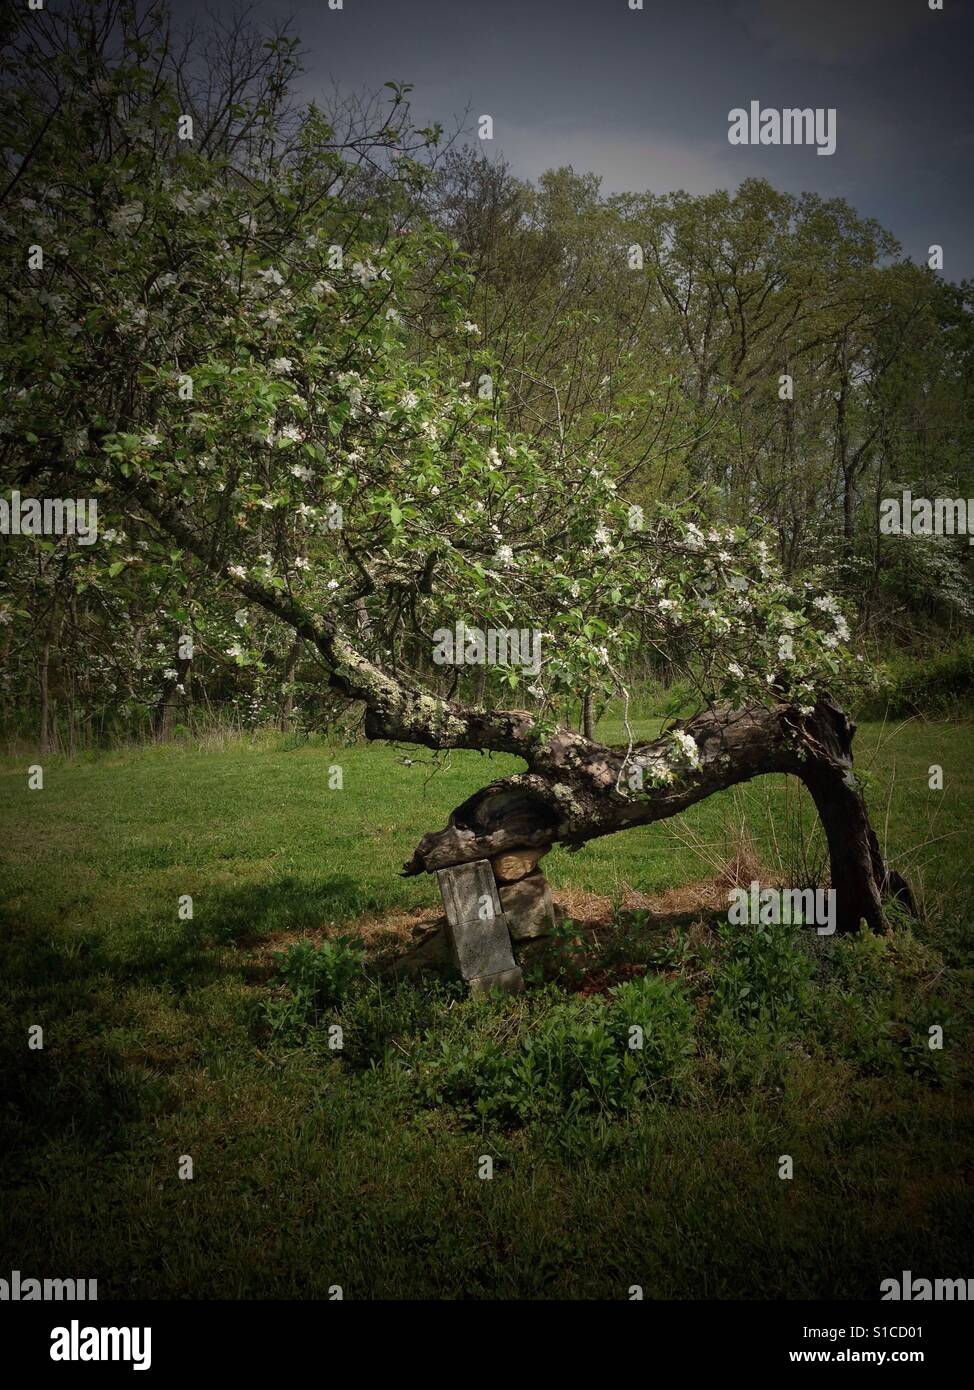 Apple tree resting on bricks. - Stock Image